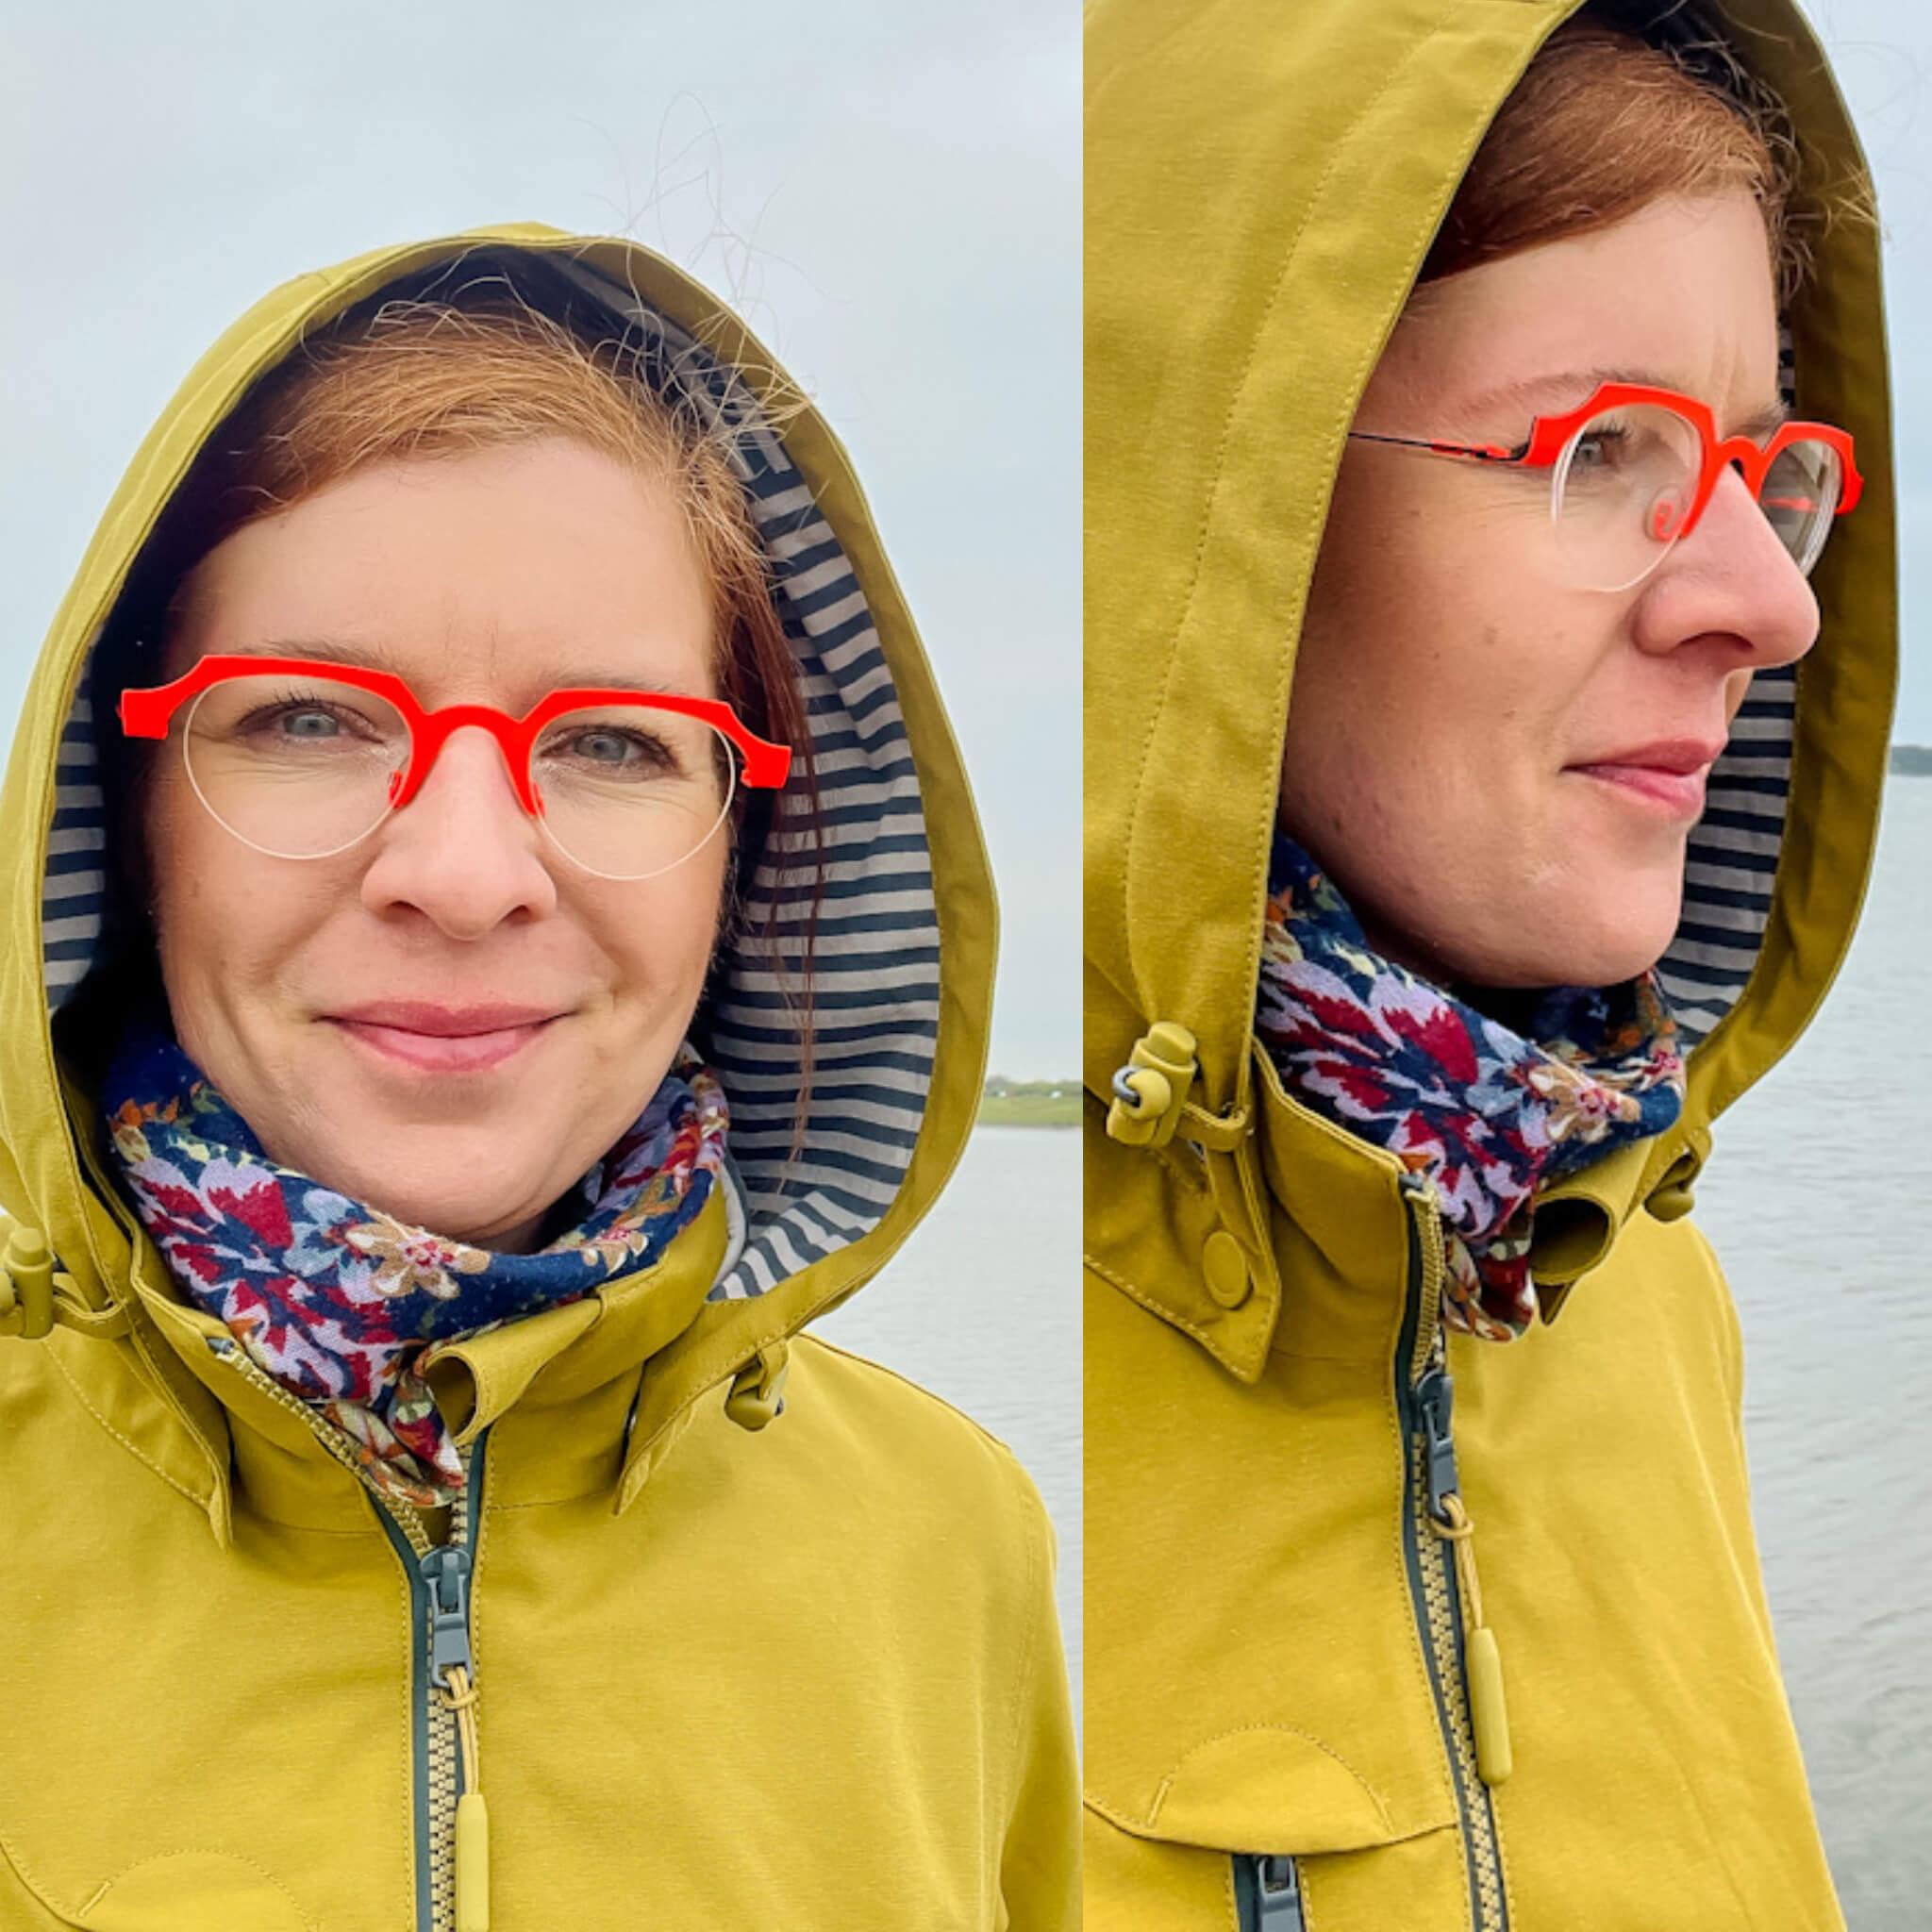 Gelb Regenmantel Regen wetterfest in style Ü40 Fashion